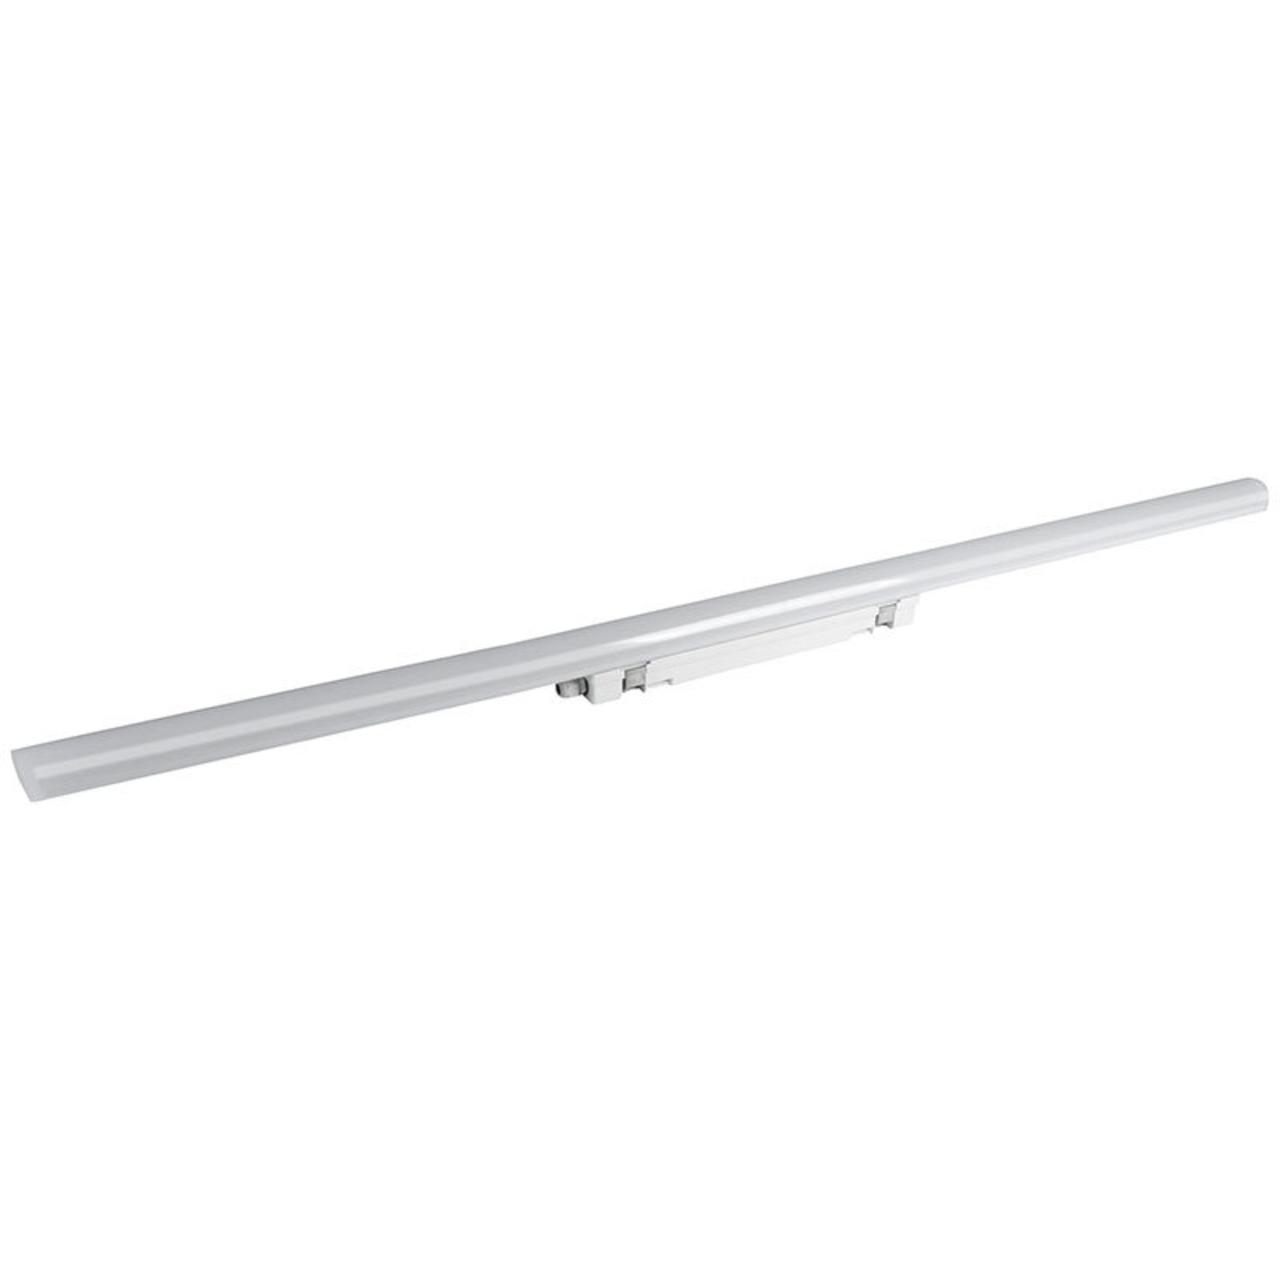 Müller Licht 46-W-LED-Feuchtraumwannenleuchte- 150 cm- neutralweiss